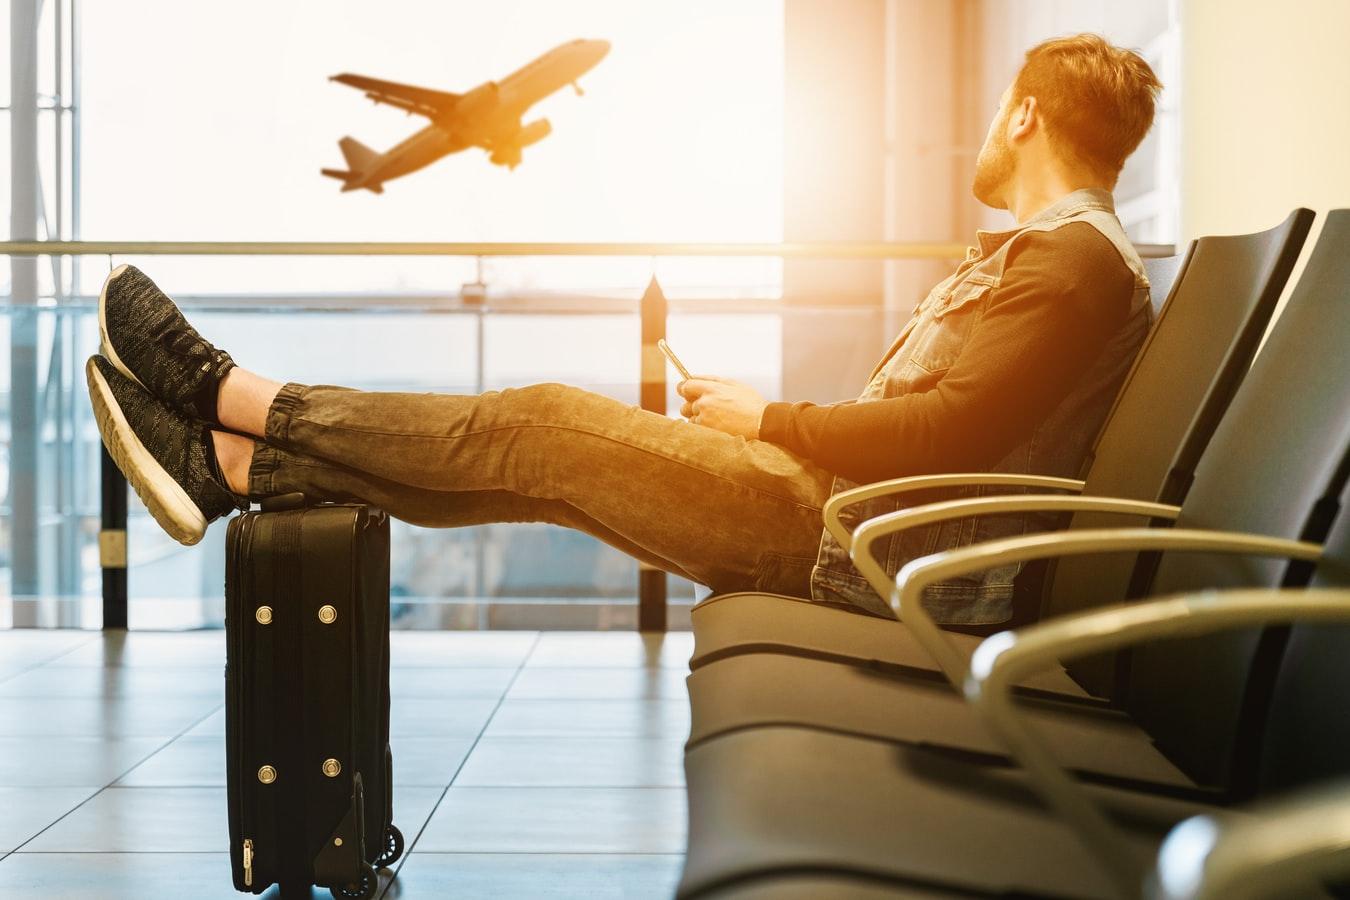 Αεροδρόμιο άνδρας με βαλίτσα